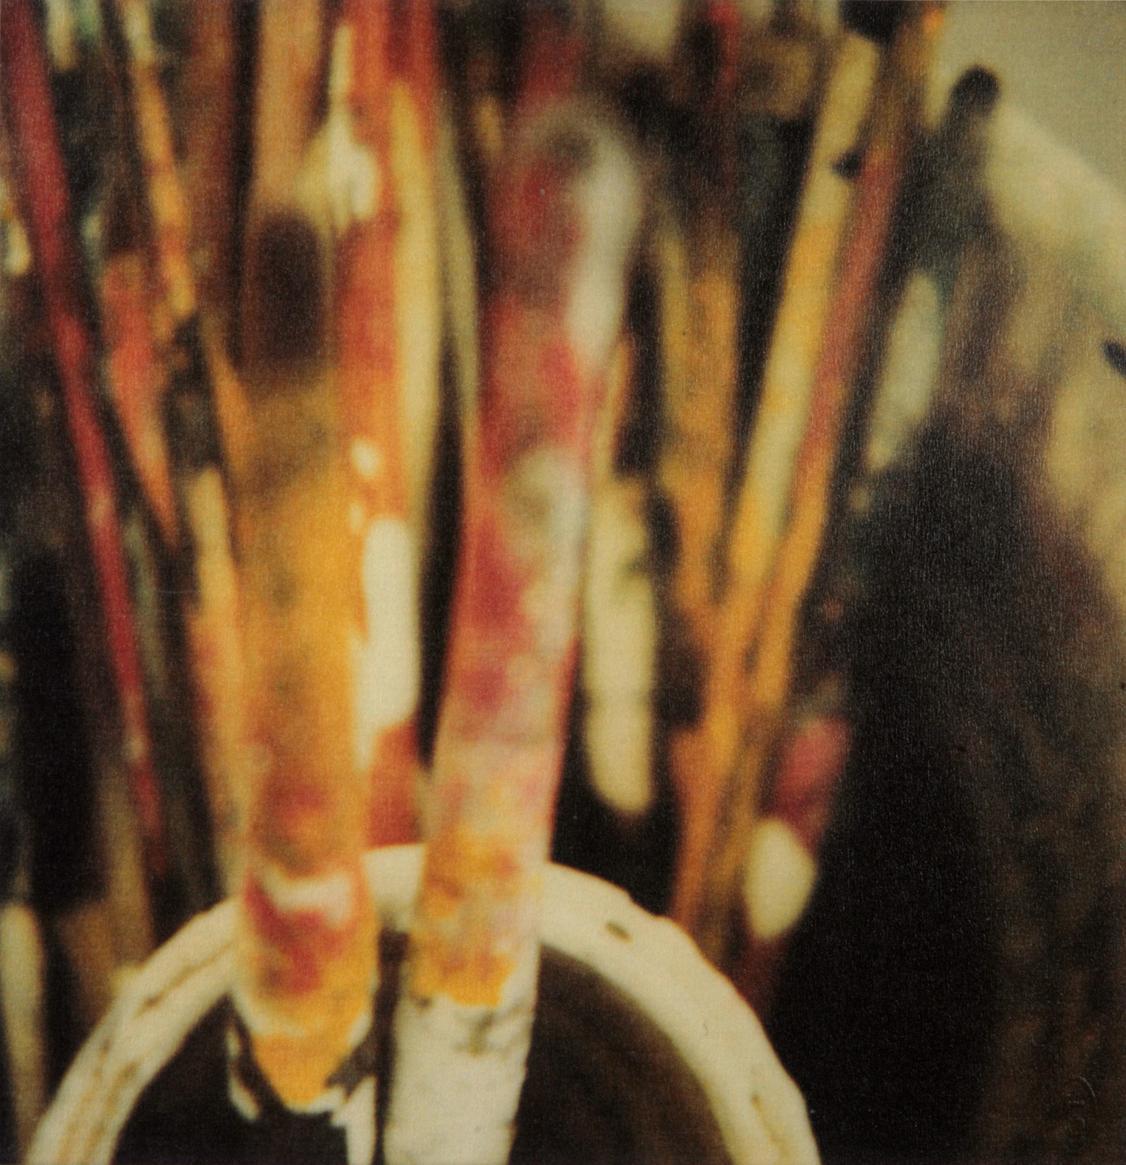 Brushes, 2005